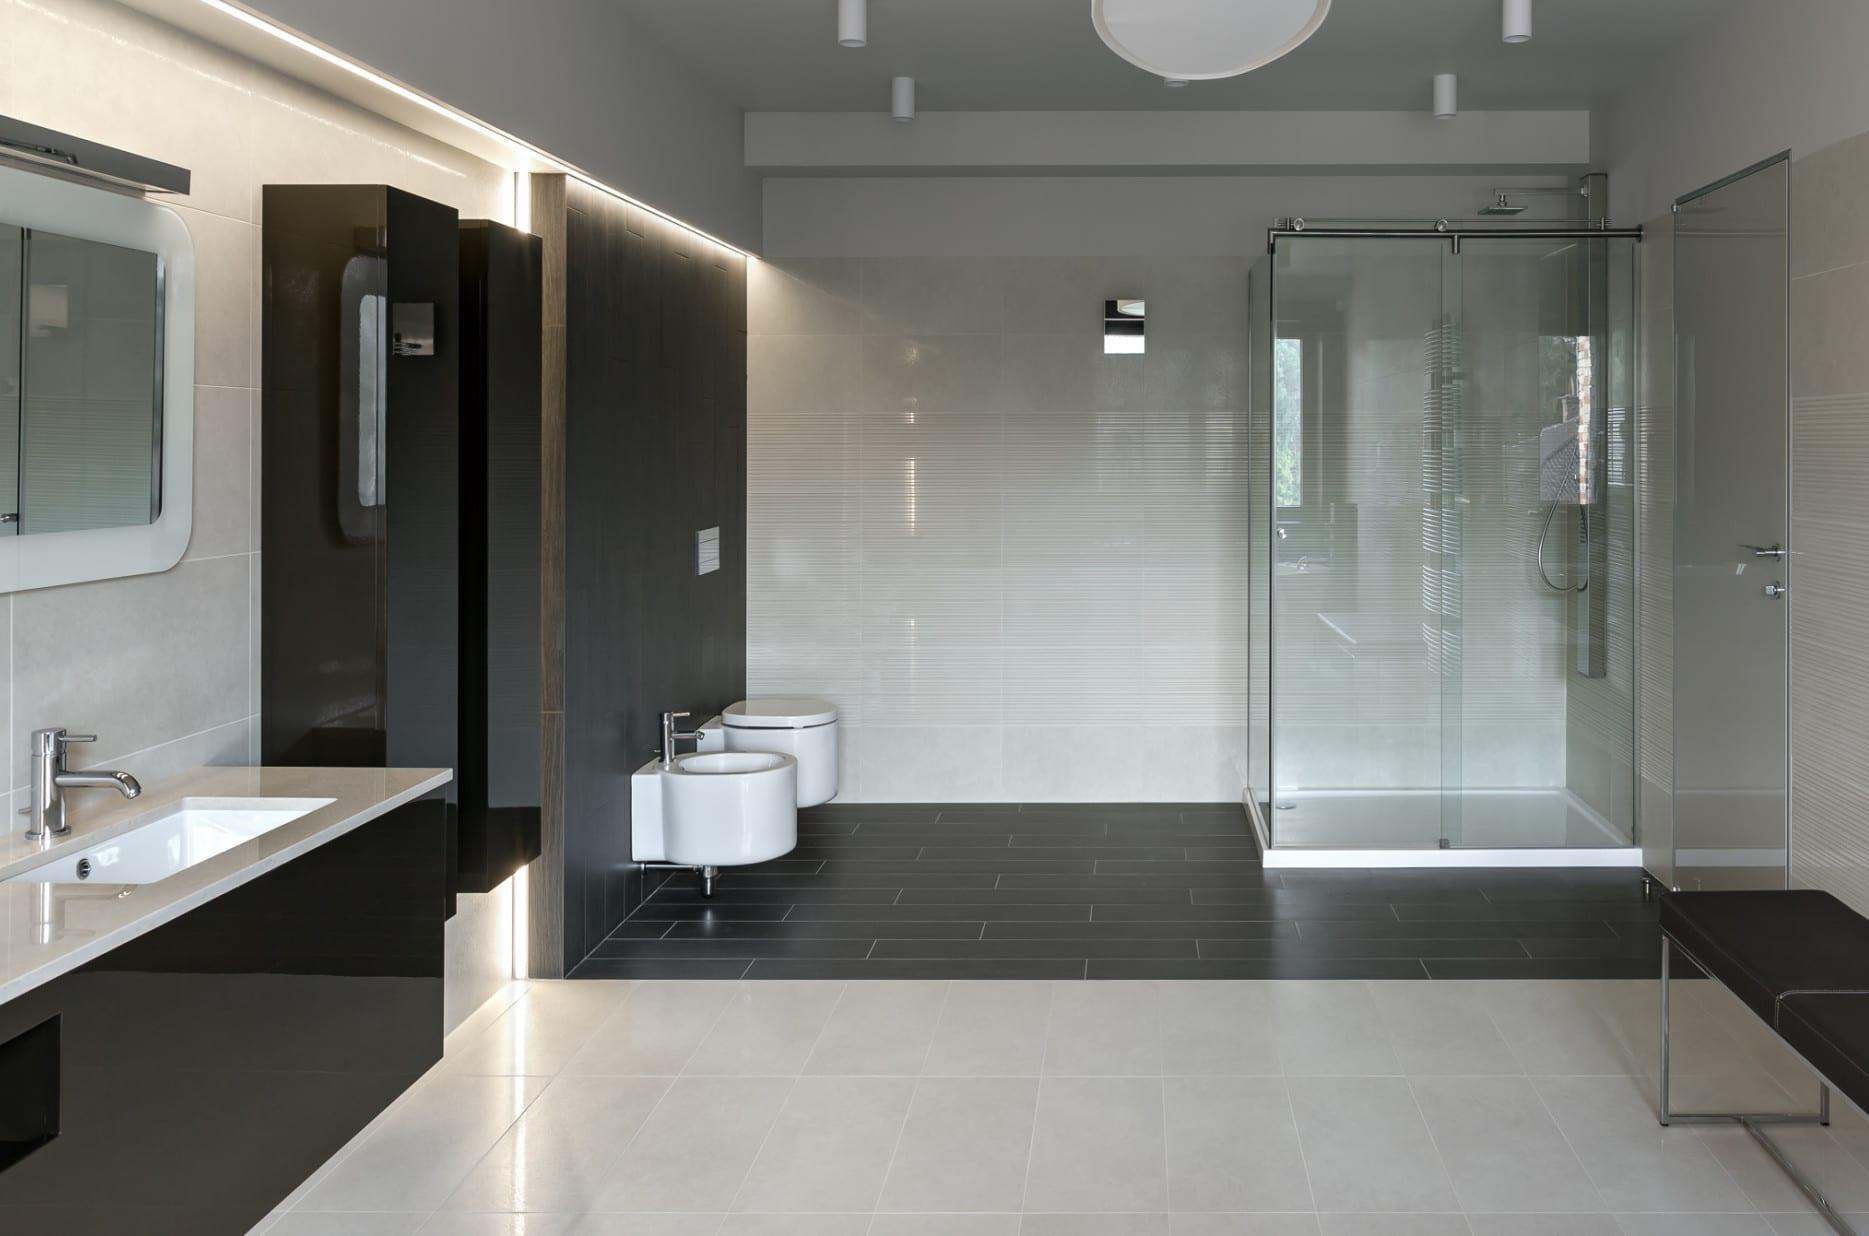 modernes bad mit schwarzen und weißen badfliesen, waschtisch und wandschränke in hochglanz schwarz und einbaudeckenleuchte